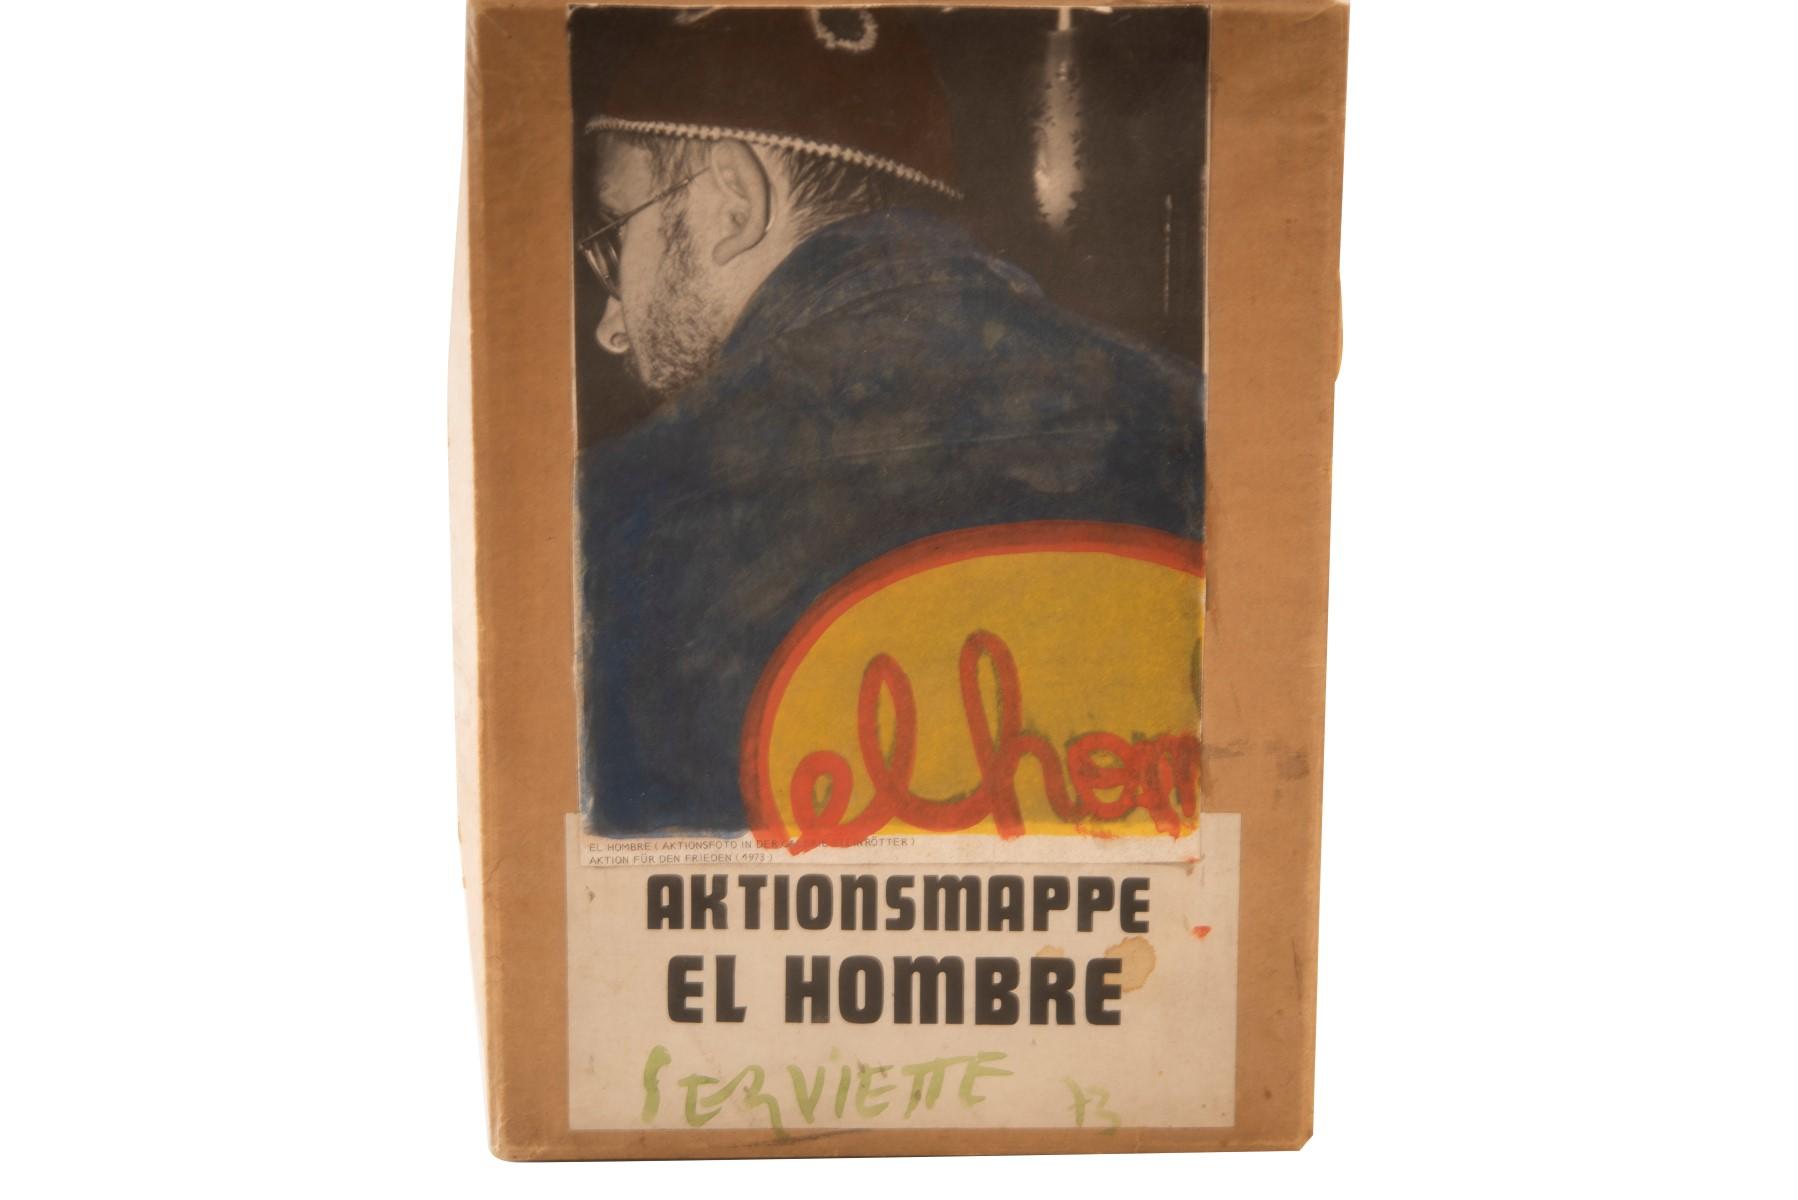 #3 el hombre, Hubert Pfaffenbichler* (1942-2008), napkin 1972-73 | el hombre, Hubert Pfaffenbichler*, (1942-2008), Serviette 1972-73 Image